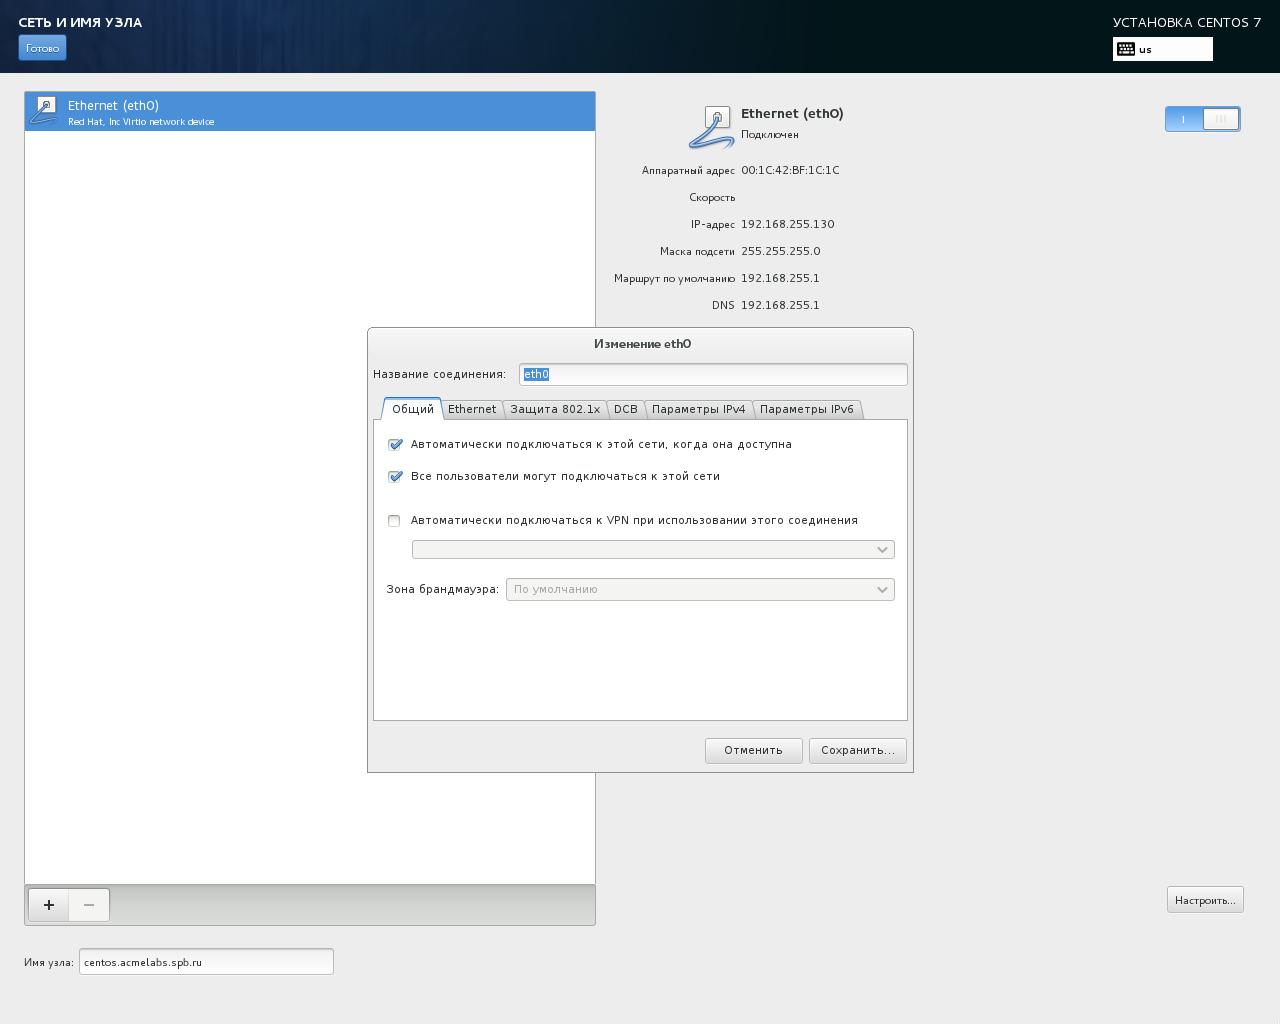 Centos установка 1с файловая обновление конфигурации 1с управление